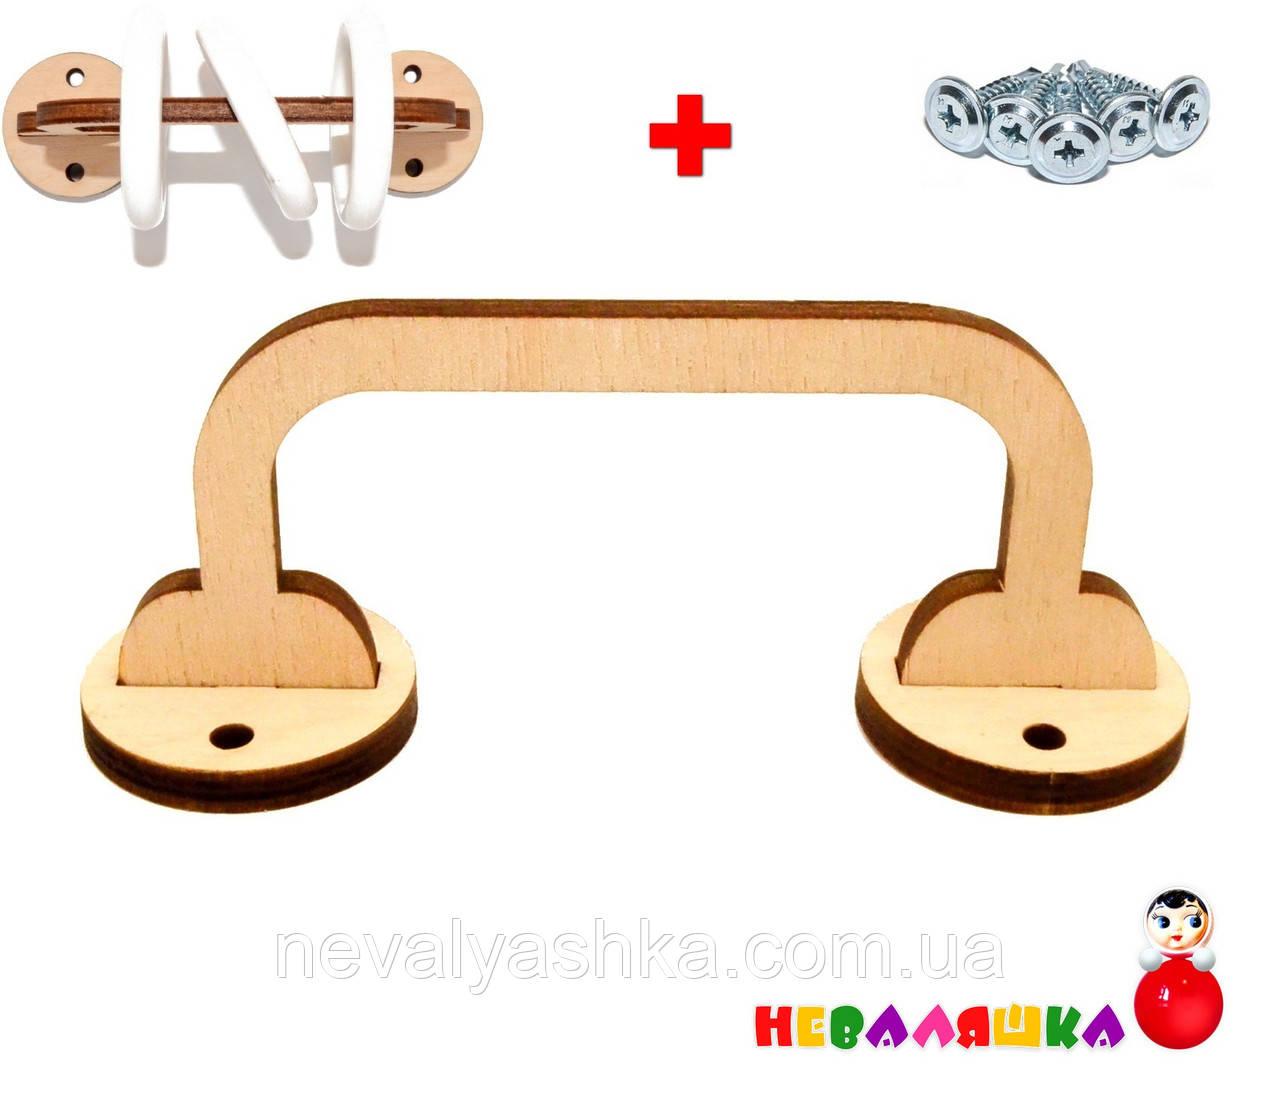 Заготовка для Бизиборда Деревянная Ручка 12 см + 3 Кольца и Шурупы с Кольцами из Фанеры для Бізіборда